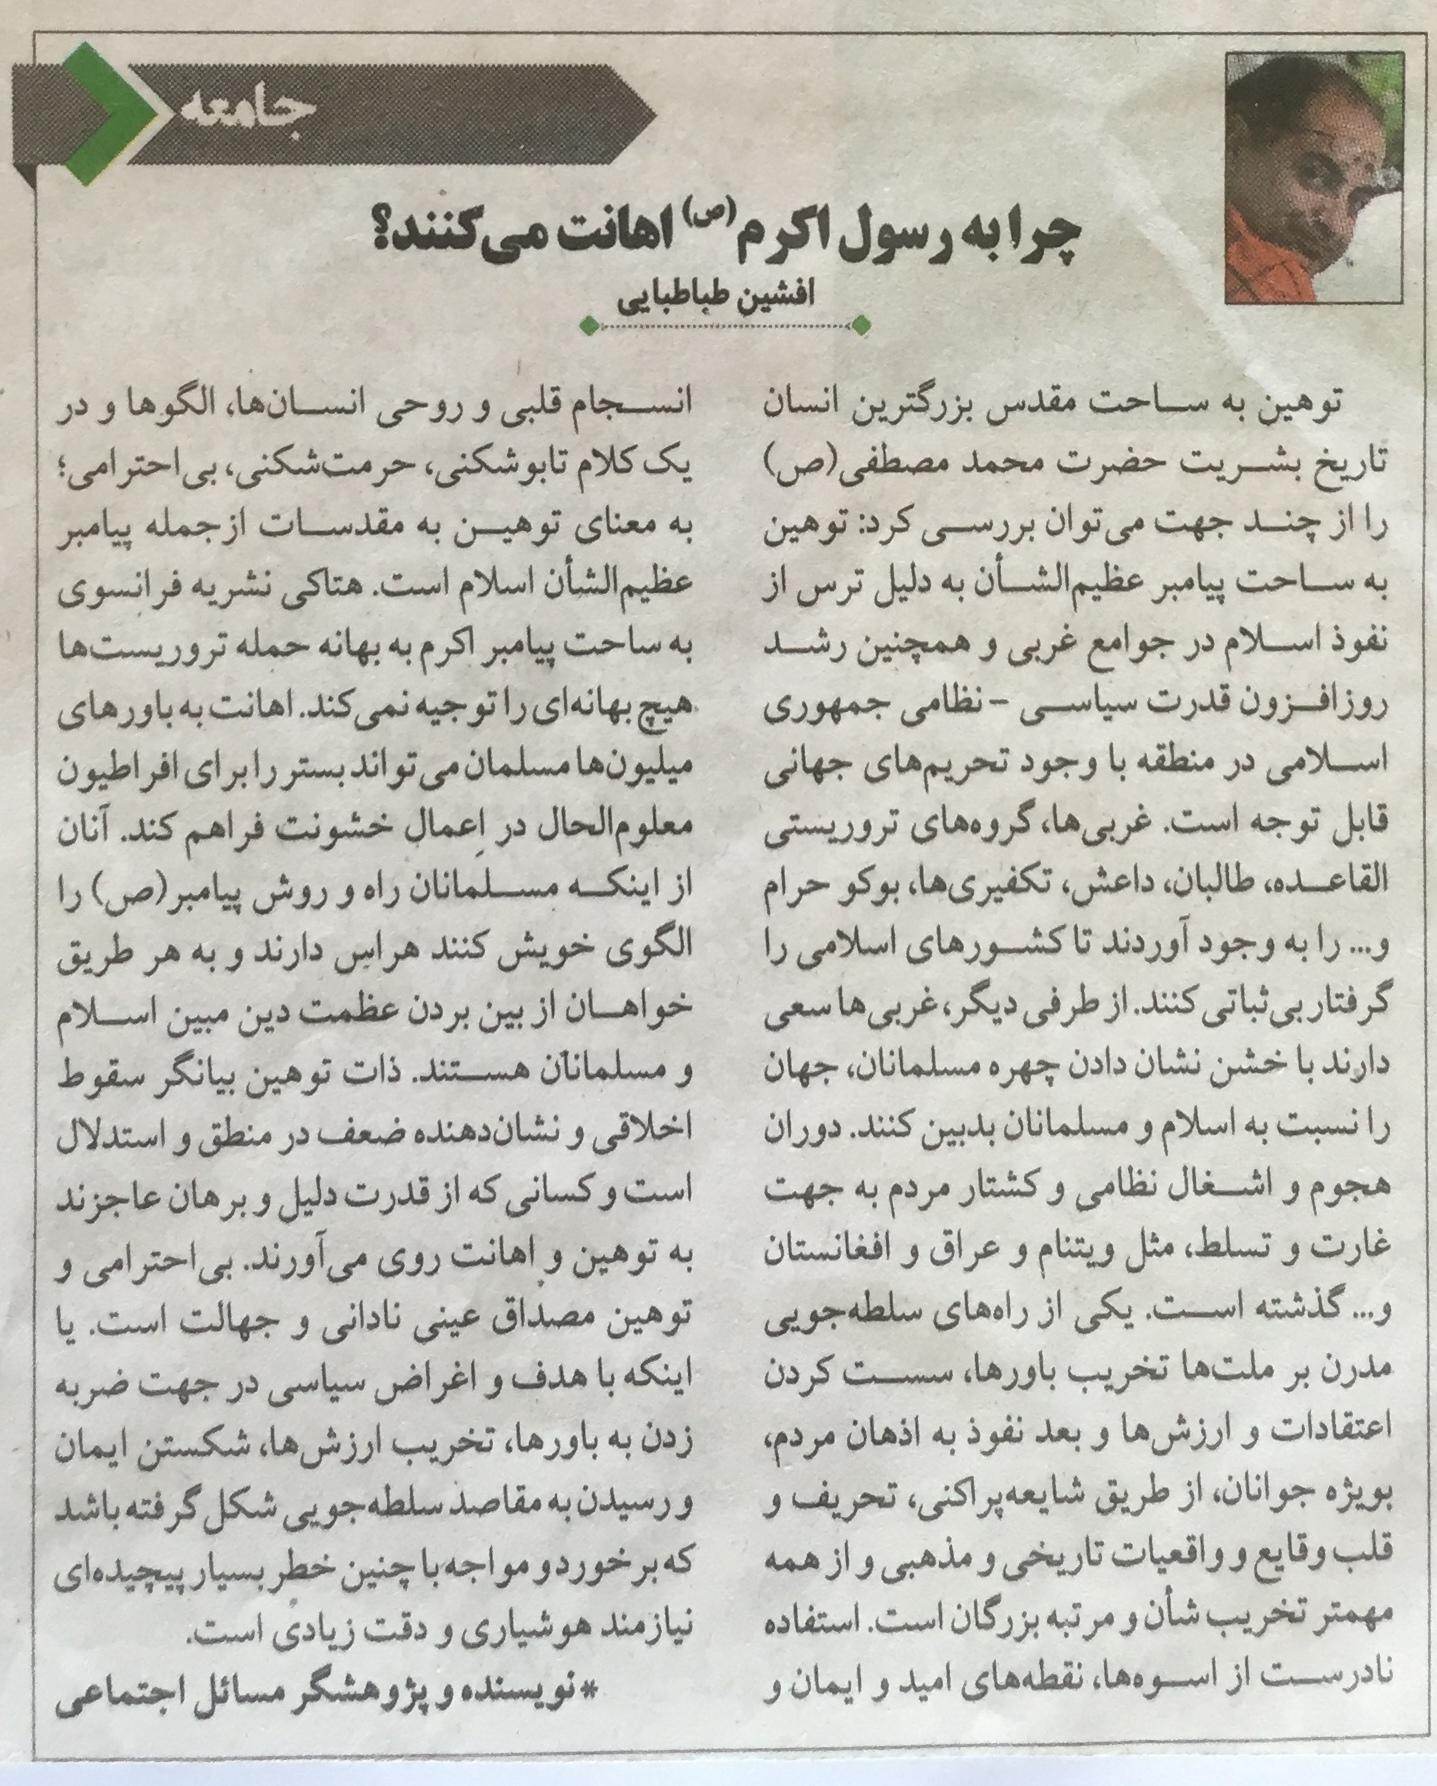 روزنامه: چرا به رسول اکرم اهانت میکنند؟ - دکتر طباطبایی